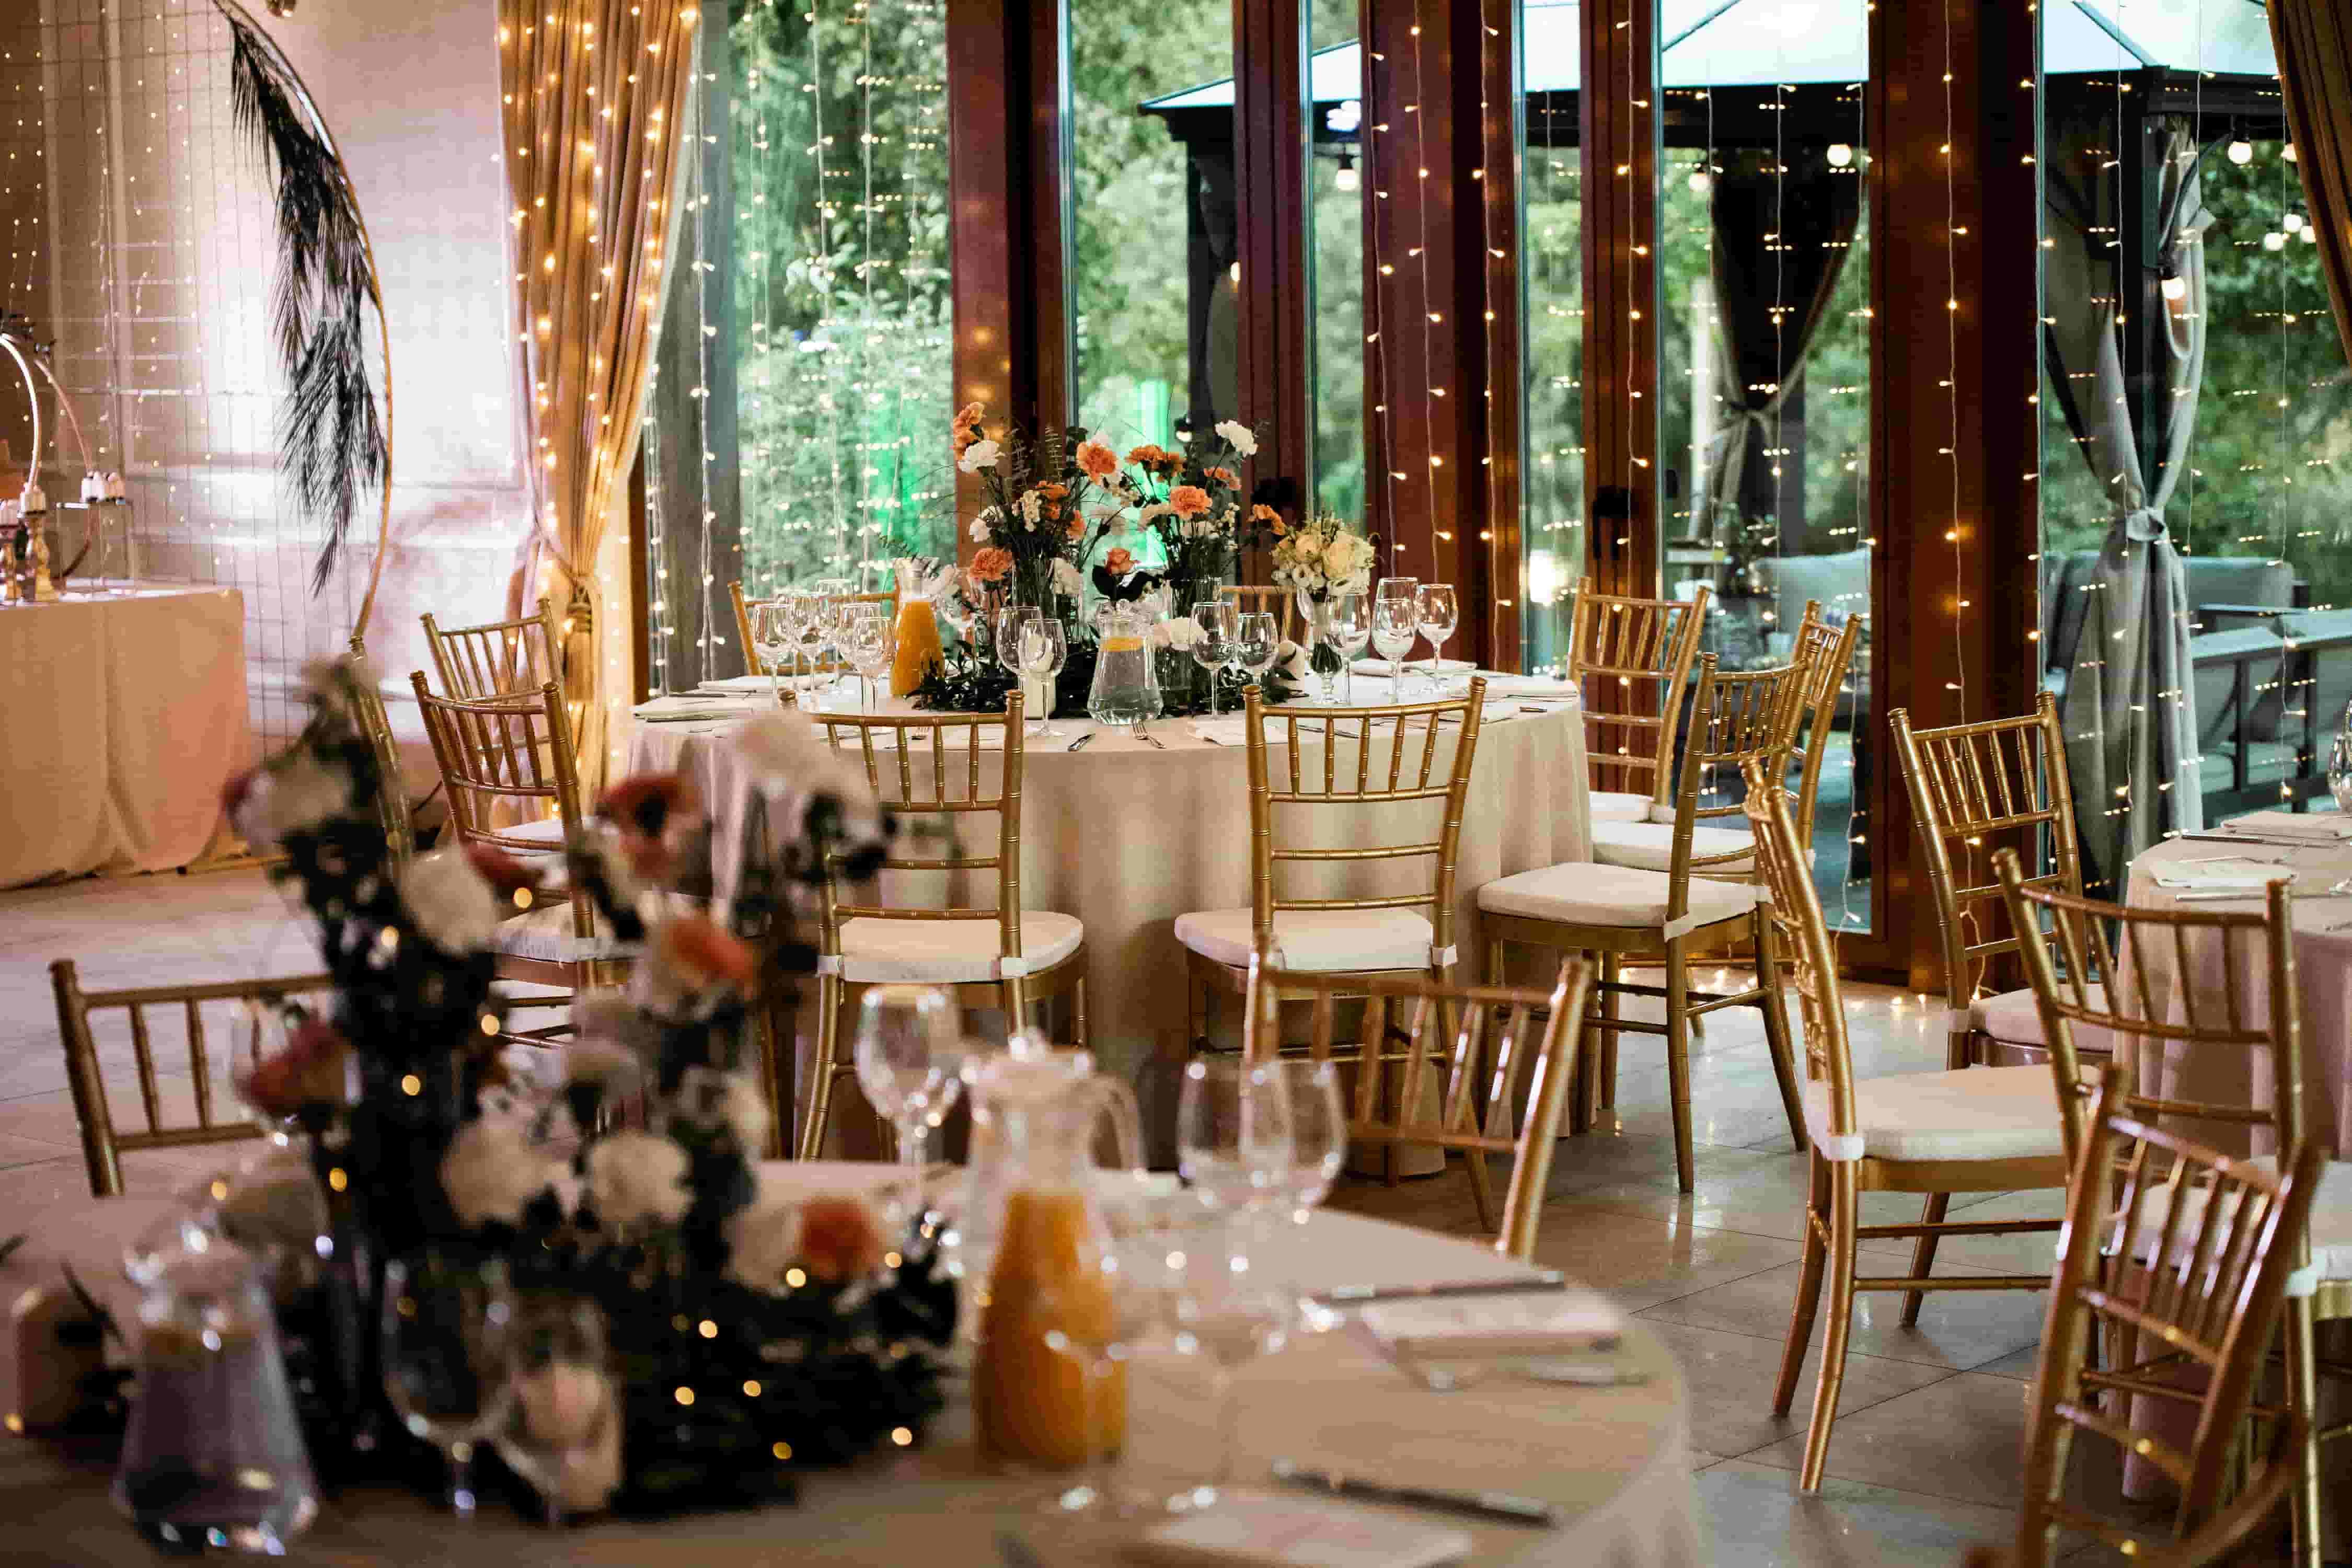 Restoranas Siesta vestuves 2019